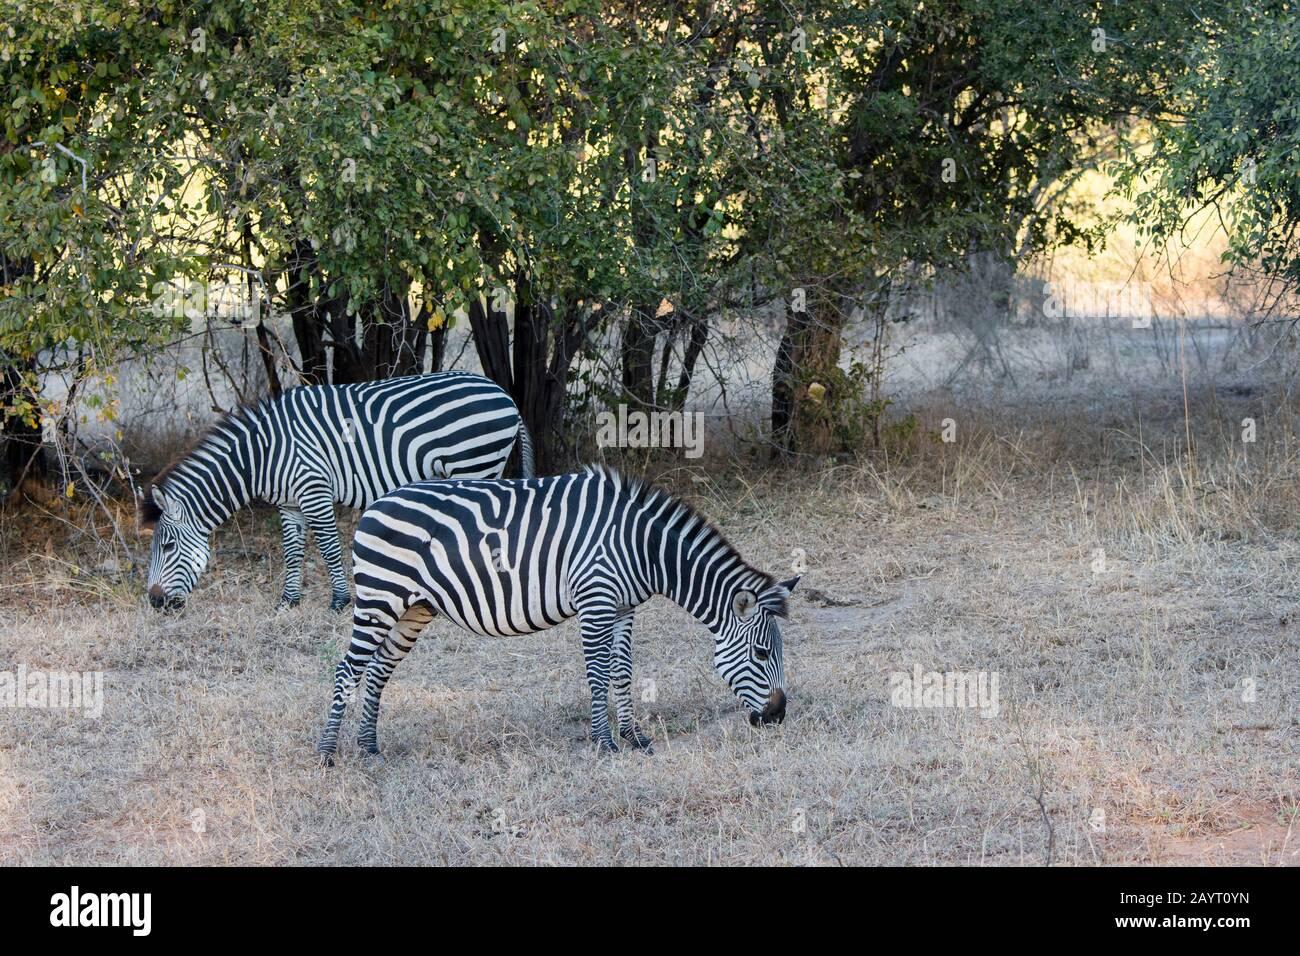 Le zébra de Crawshays (Equus quagga rampshayi) pacage dans le parc national de Luangwa Sud, dans l'est de la Zambie. Banque D'Images